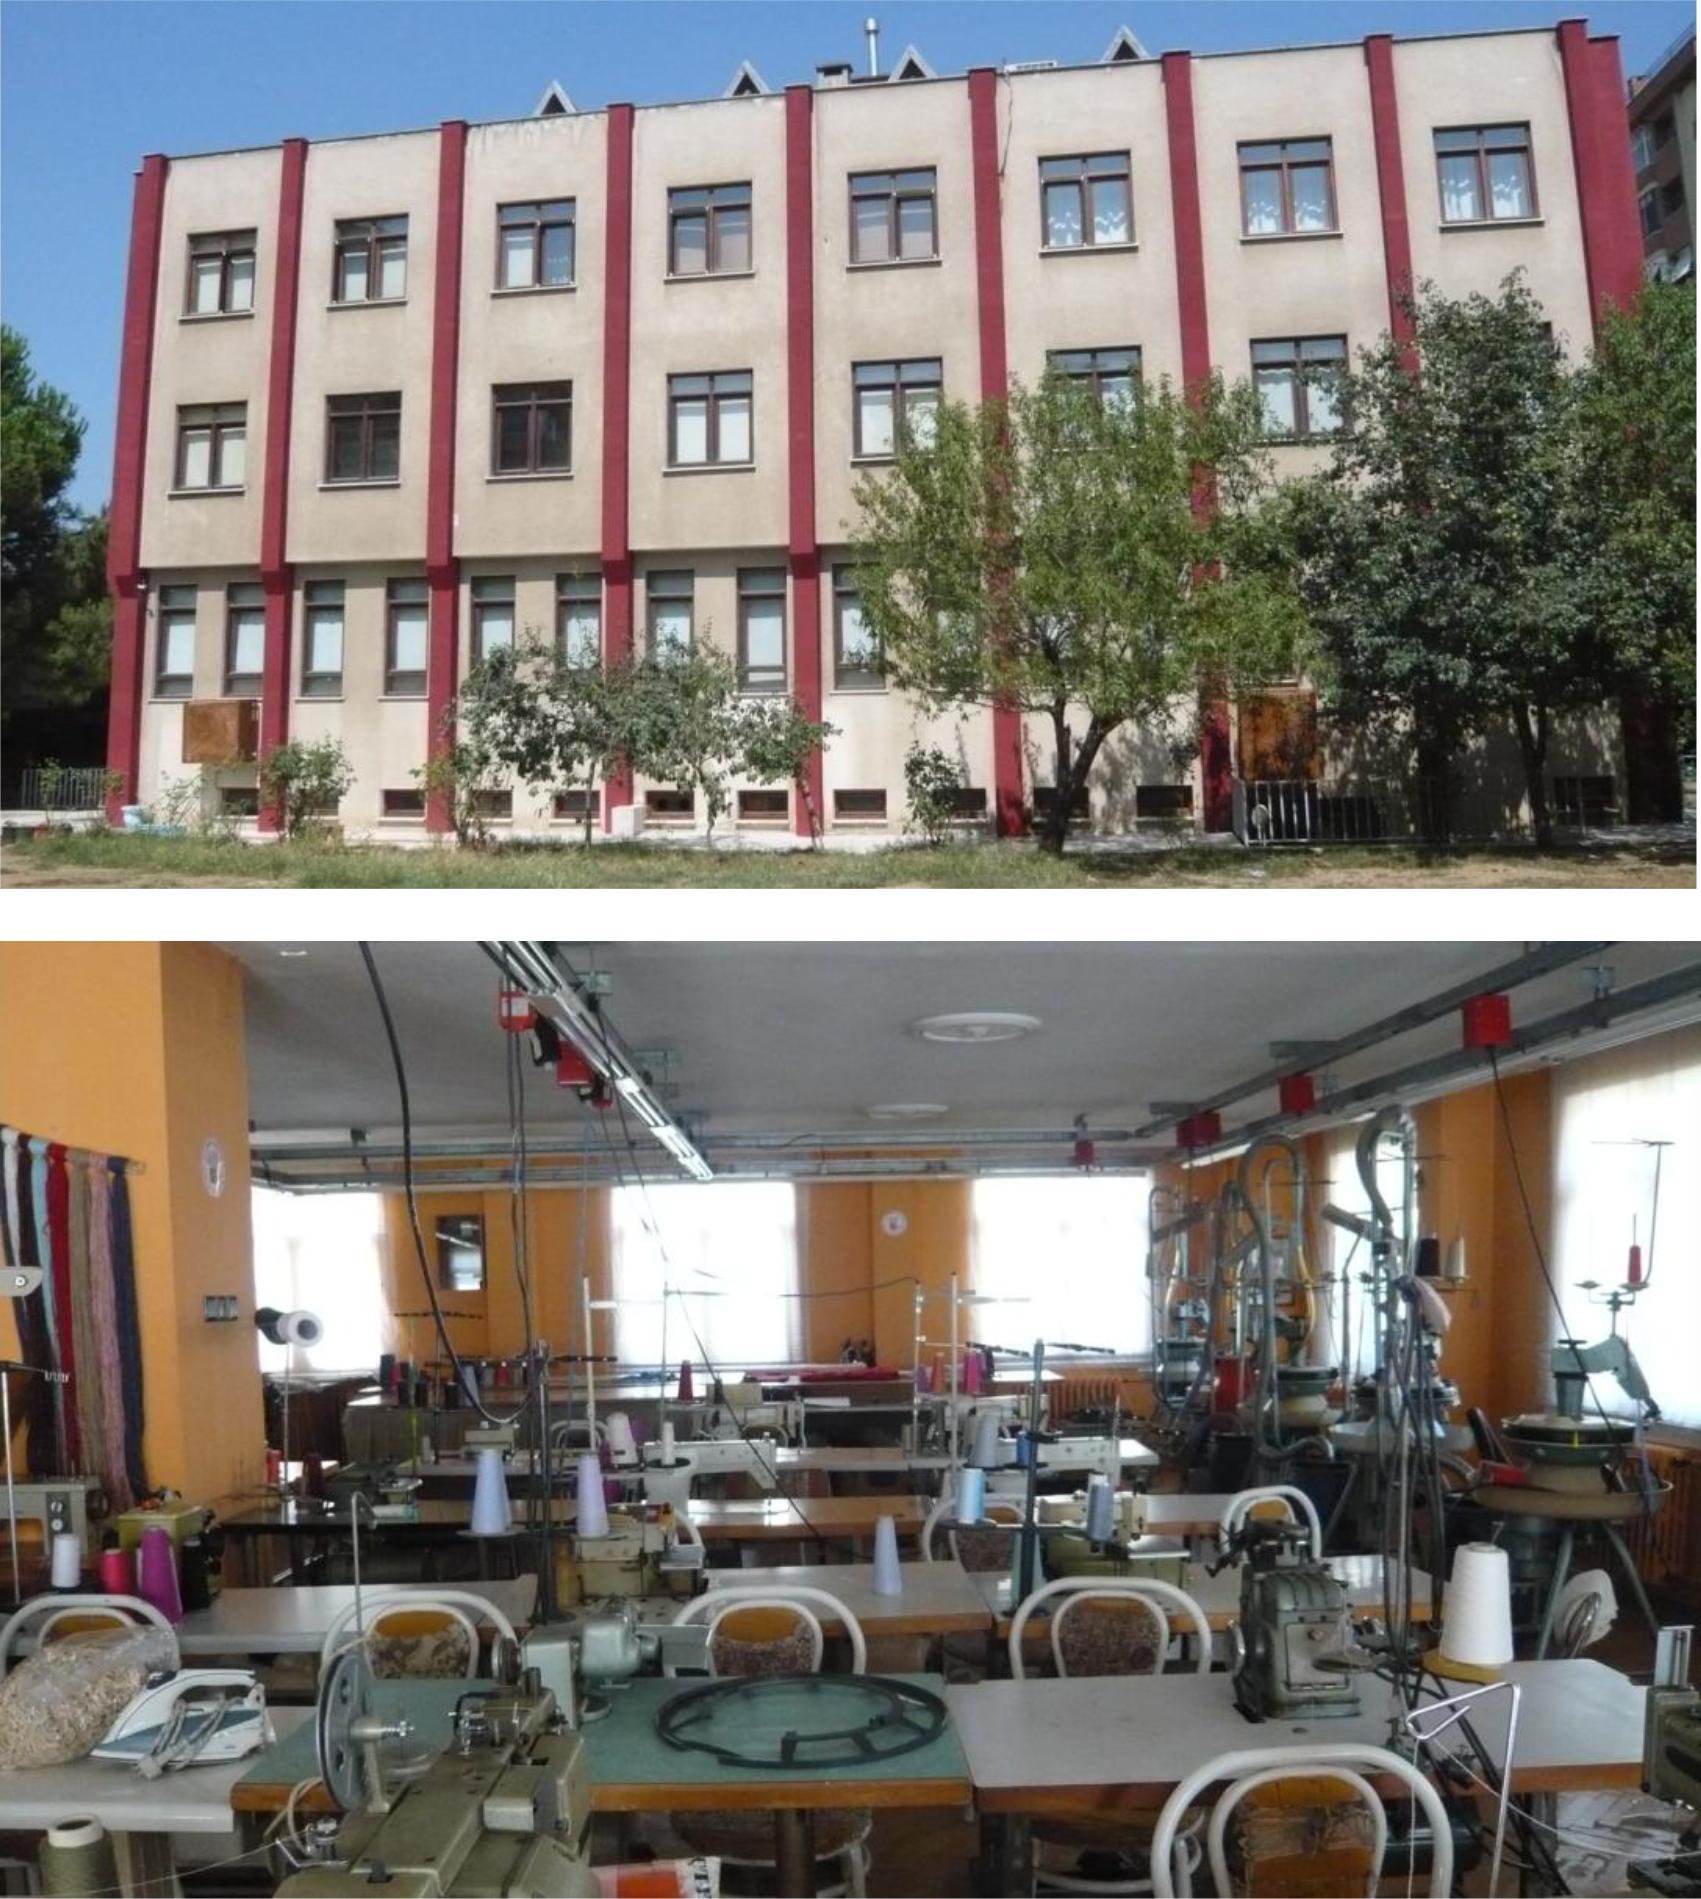 Fide Okulları Mimarisi Ve Eğitim Mekanları-2